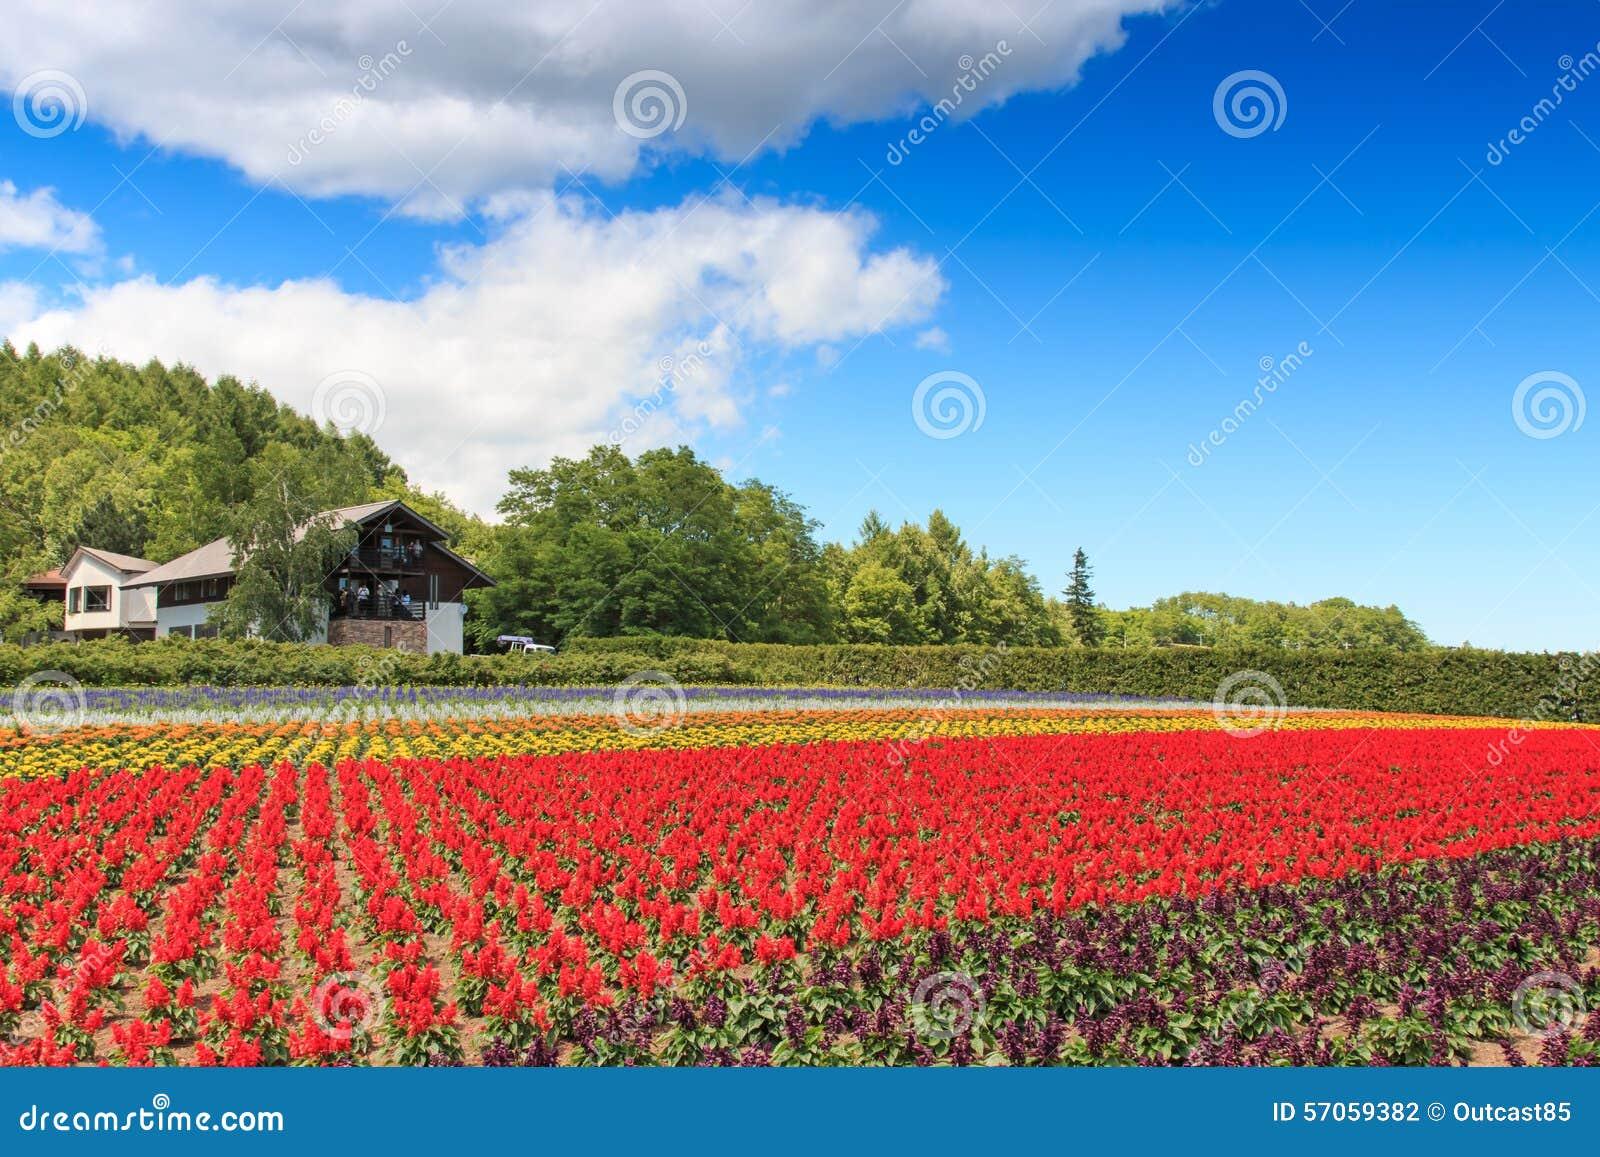 Bloemen van het Tomita-landbouwbedrijf in Hokkaido met sommige toeristen op achtergrond